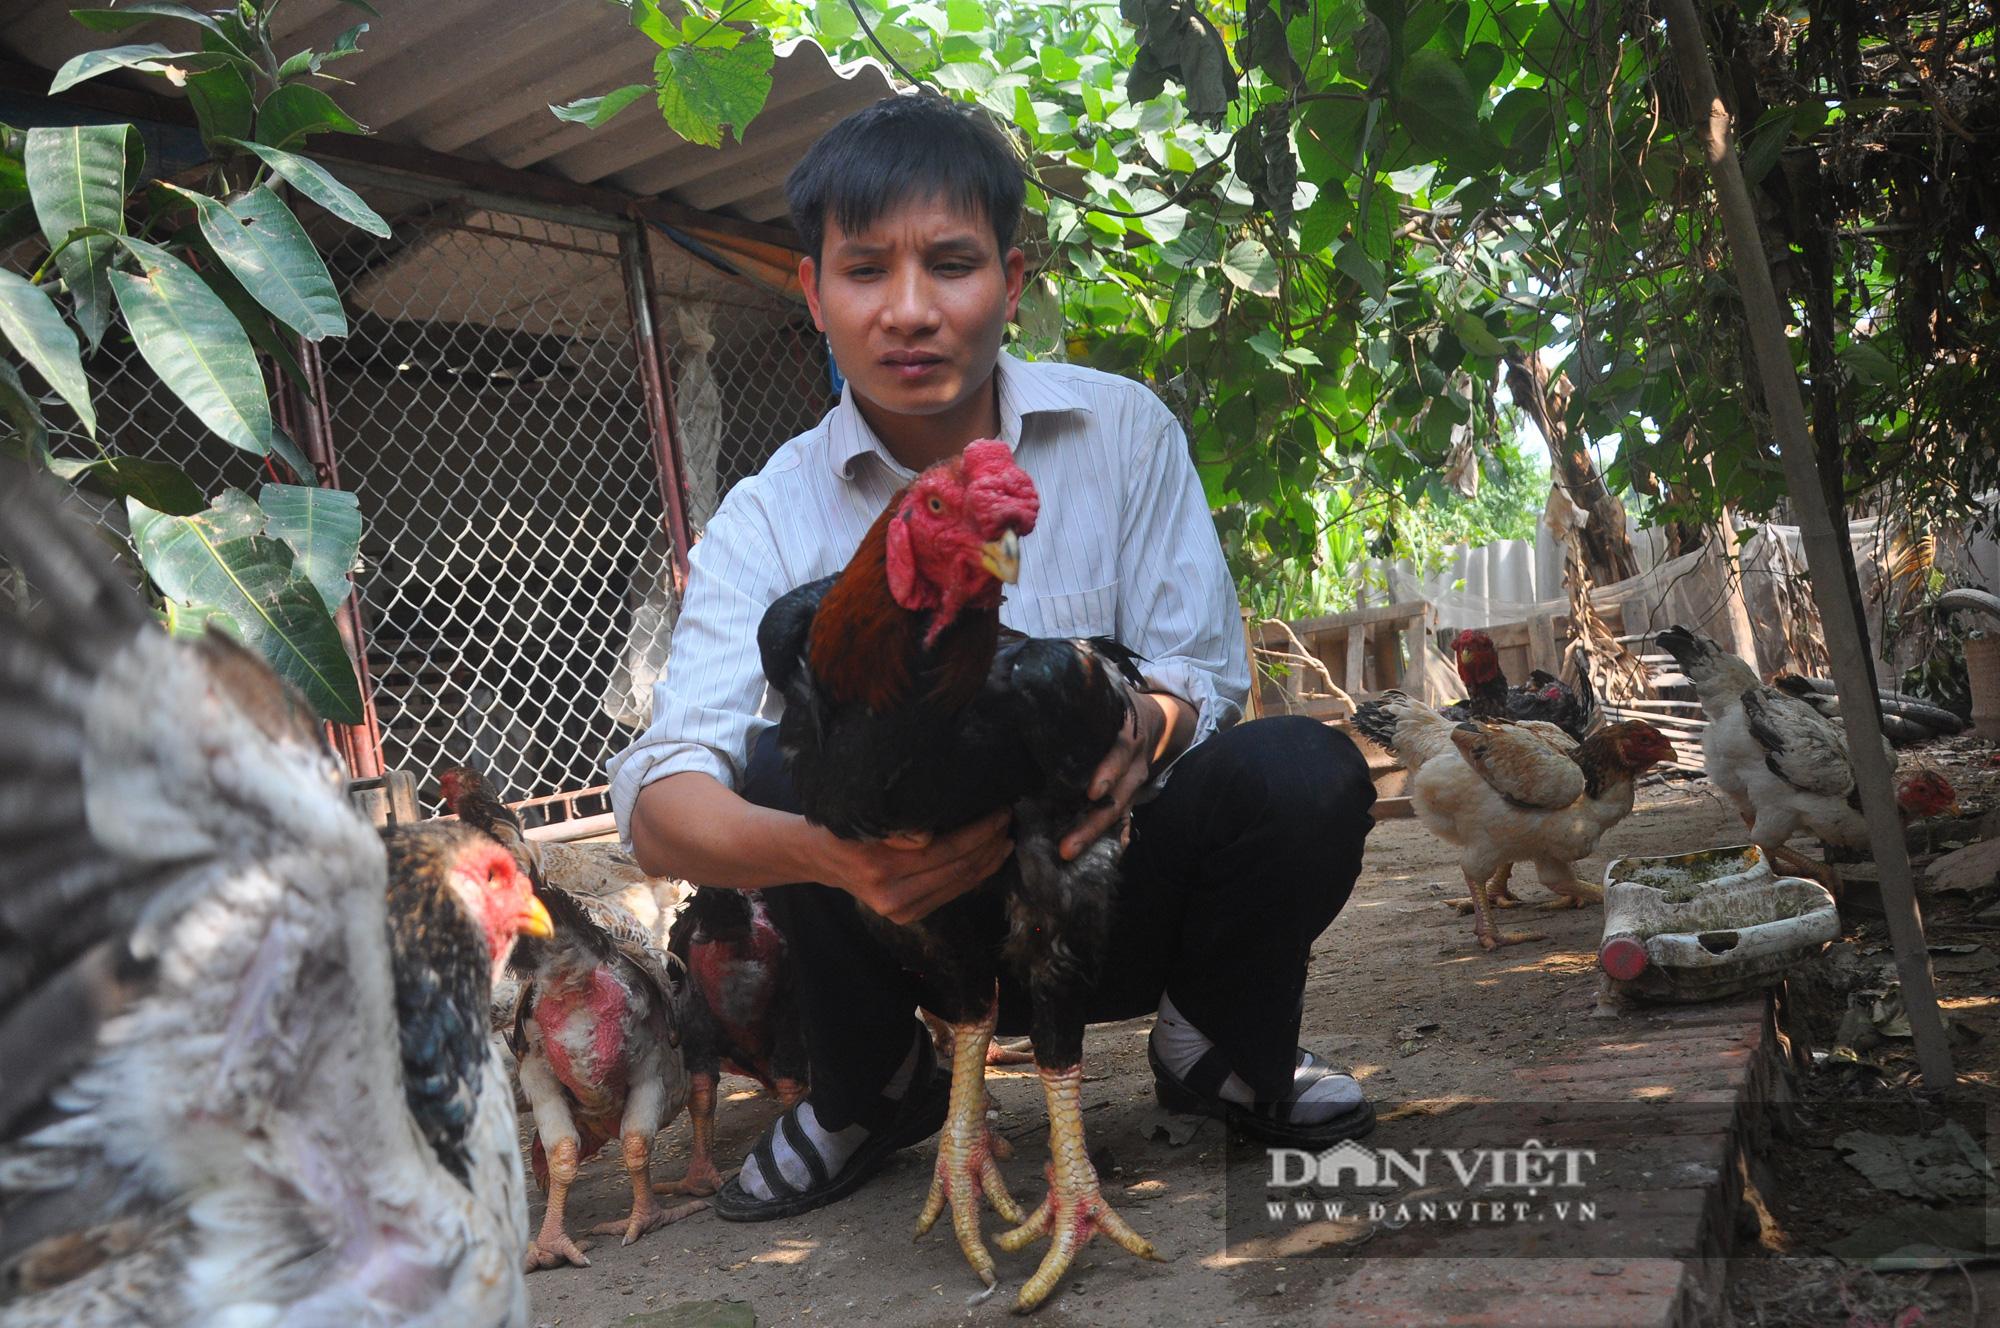 """Thị trường cây, con Tết 2021: Xuất hiện siêu phẩm kỳ dị giá trăm triệu, gà đặc sản có nguy cơ """"cháy hàng"""" - Ảnh 4."""